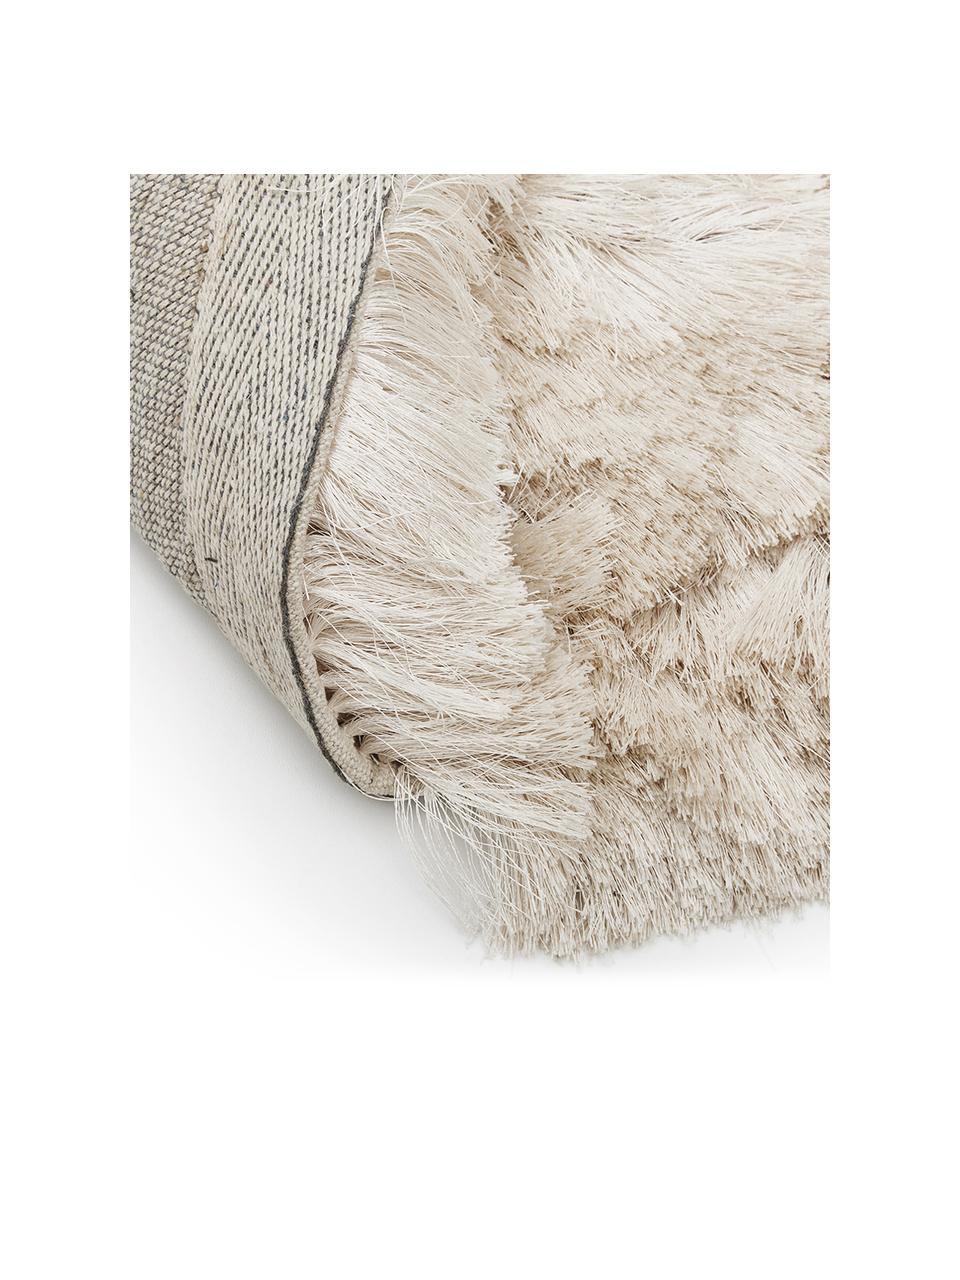 Glanzend hoogpolig vloerkleed Jimmy in ivoorkleur, rond, Bovenzijde: 100% polyester, Onderzijde: 100% katoen, Ivoorkleurig, Ø 200 cm (maat L)